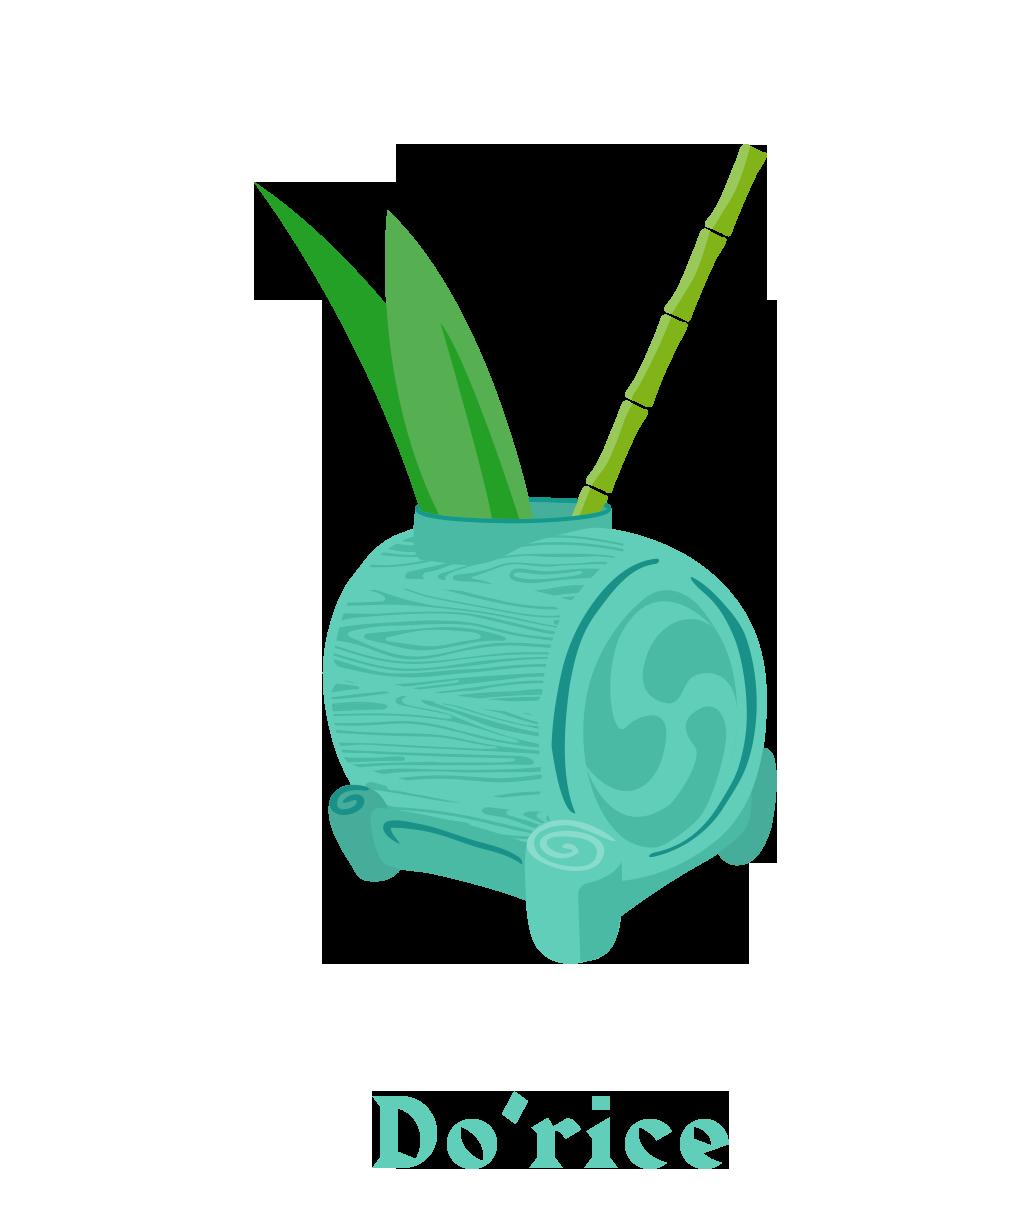 do-rice